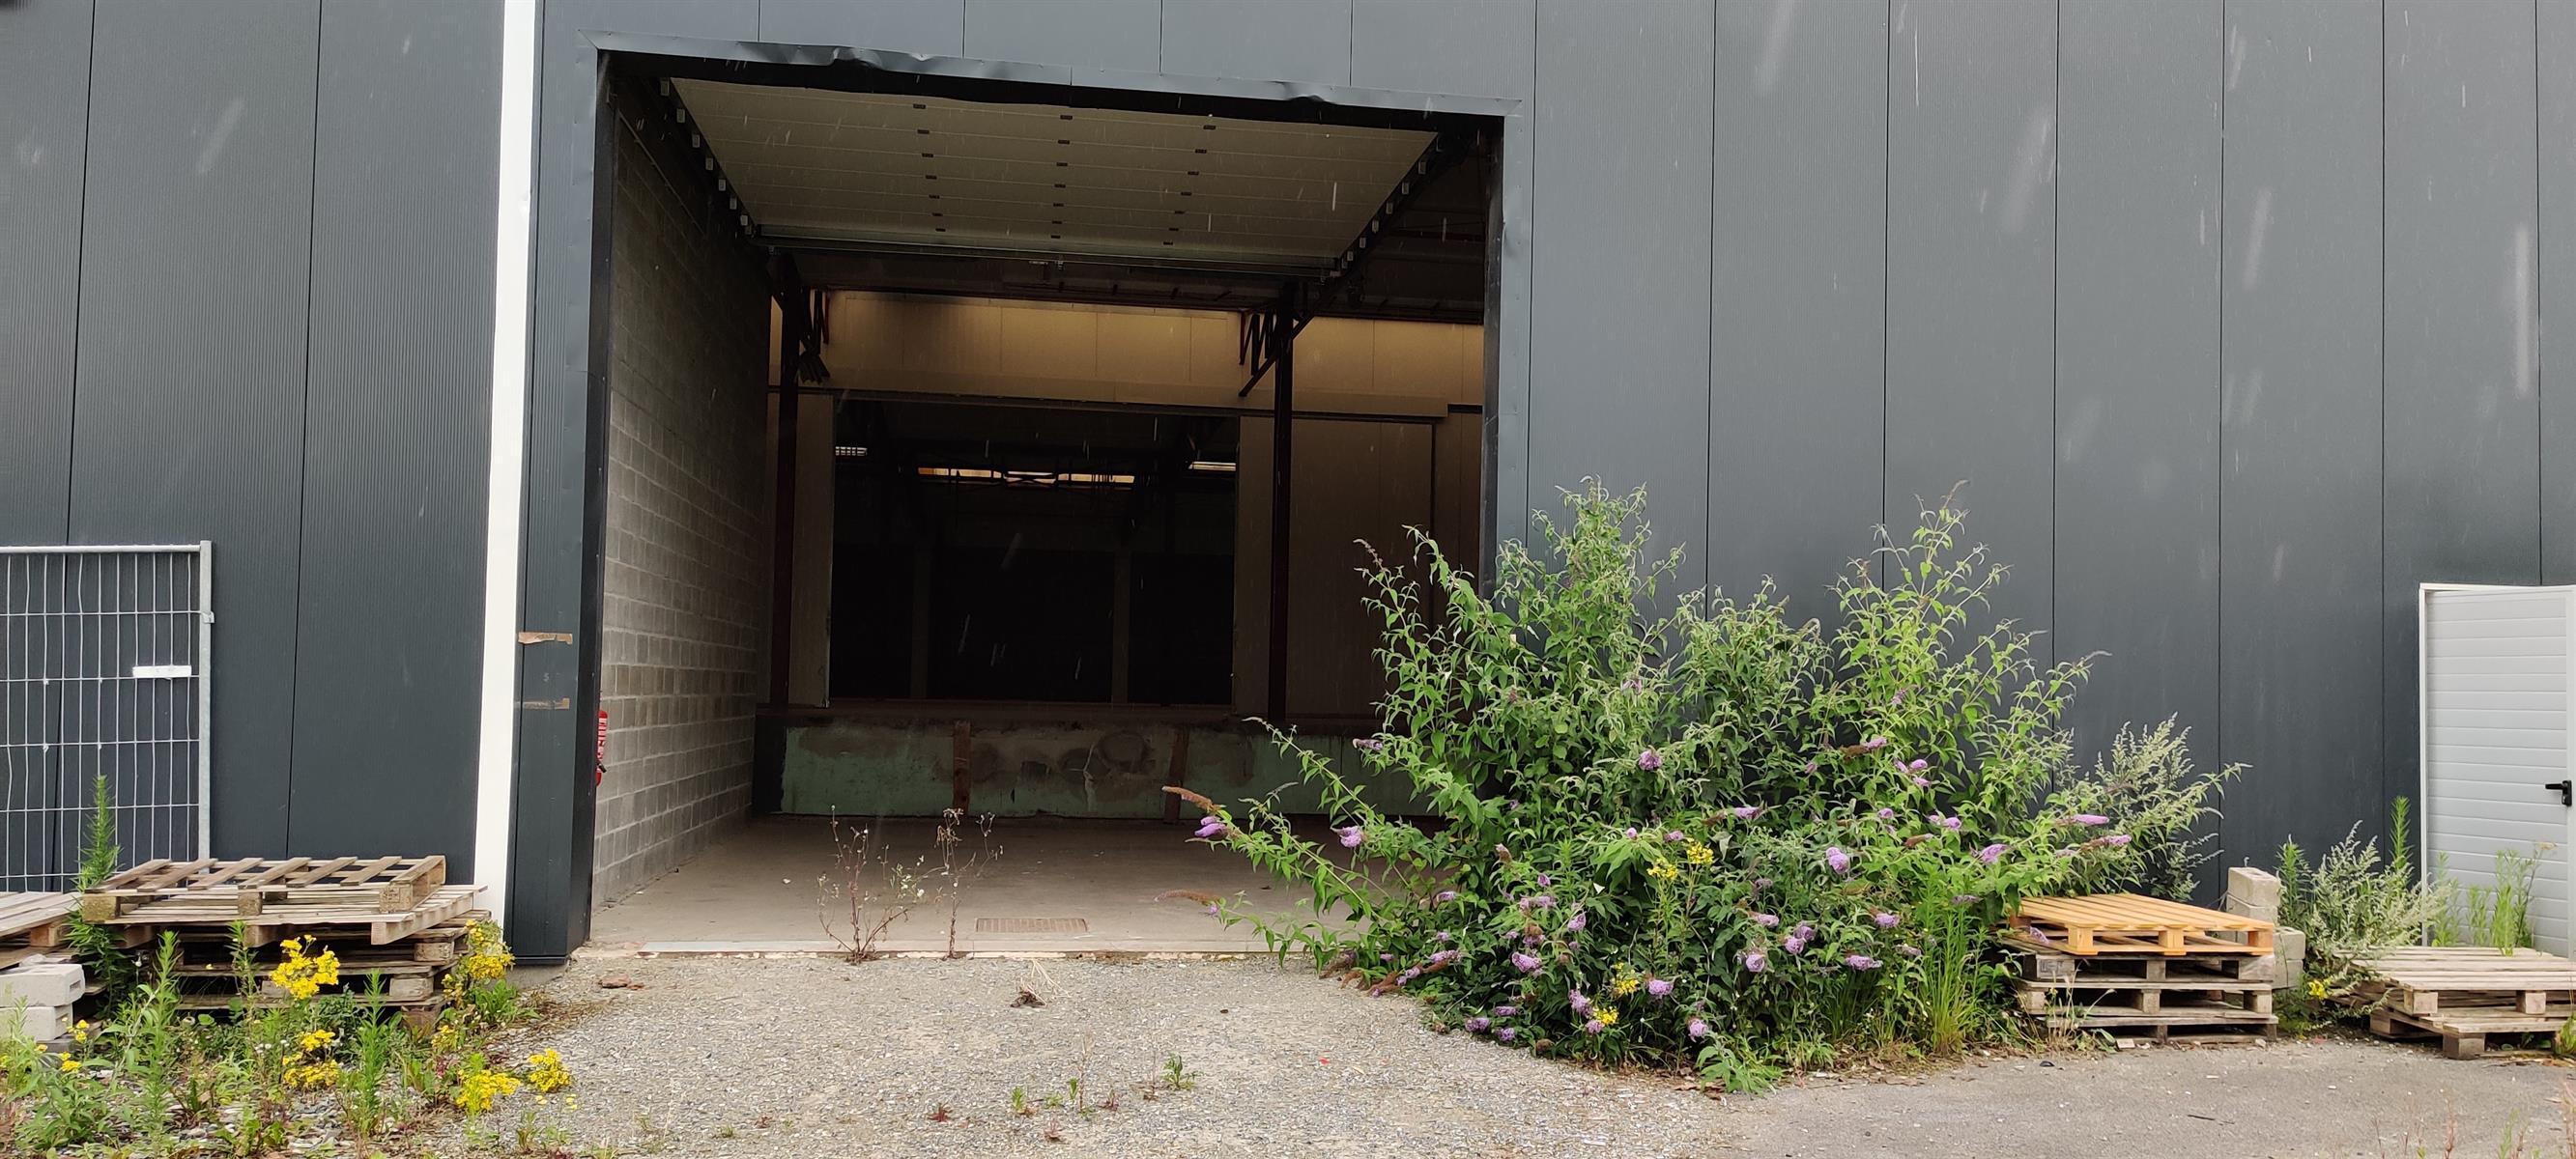 opslagplaats te huur I158 - Lumbeekstraat 38, 1700 Dilbeek Sint-Ulriks-Kapelle, België 16